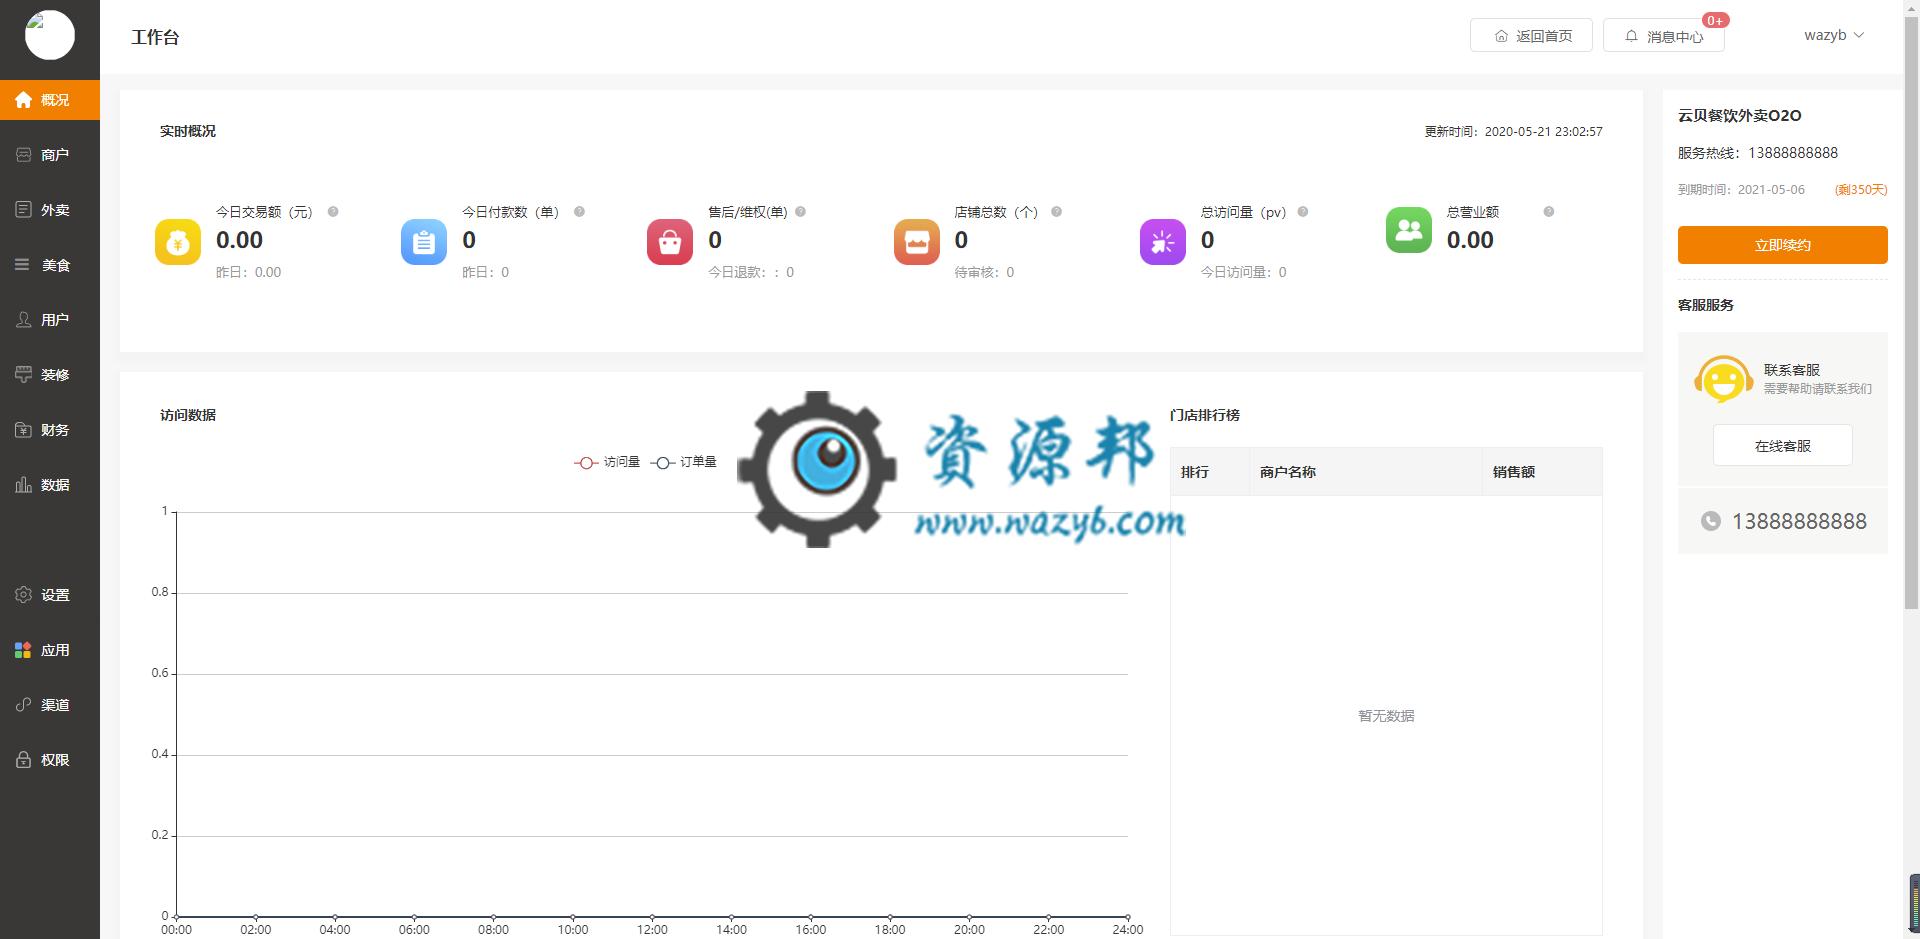 【微信小程序】云贝餐饮外卖O2O小程序V1.2.6完整安装包+云贝手机商家端小程序V1.0.5,新增商家推广码显示商家的logo 公众号应用 第4张